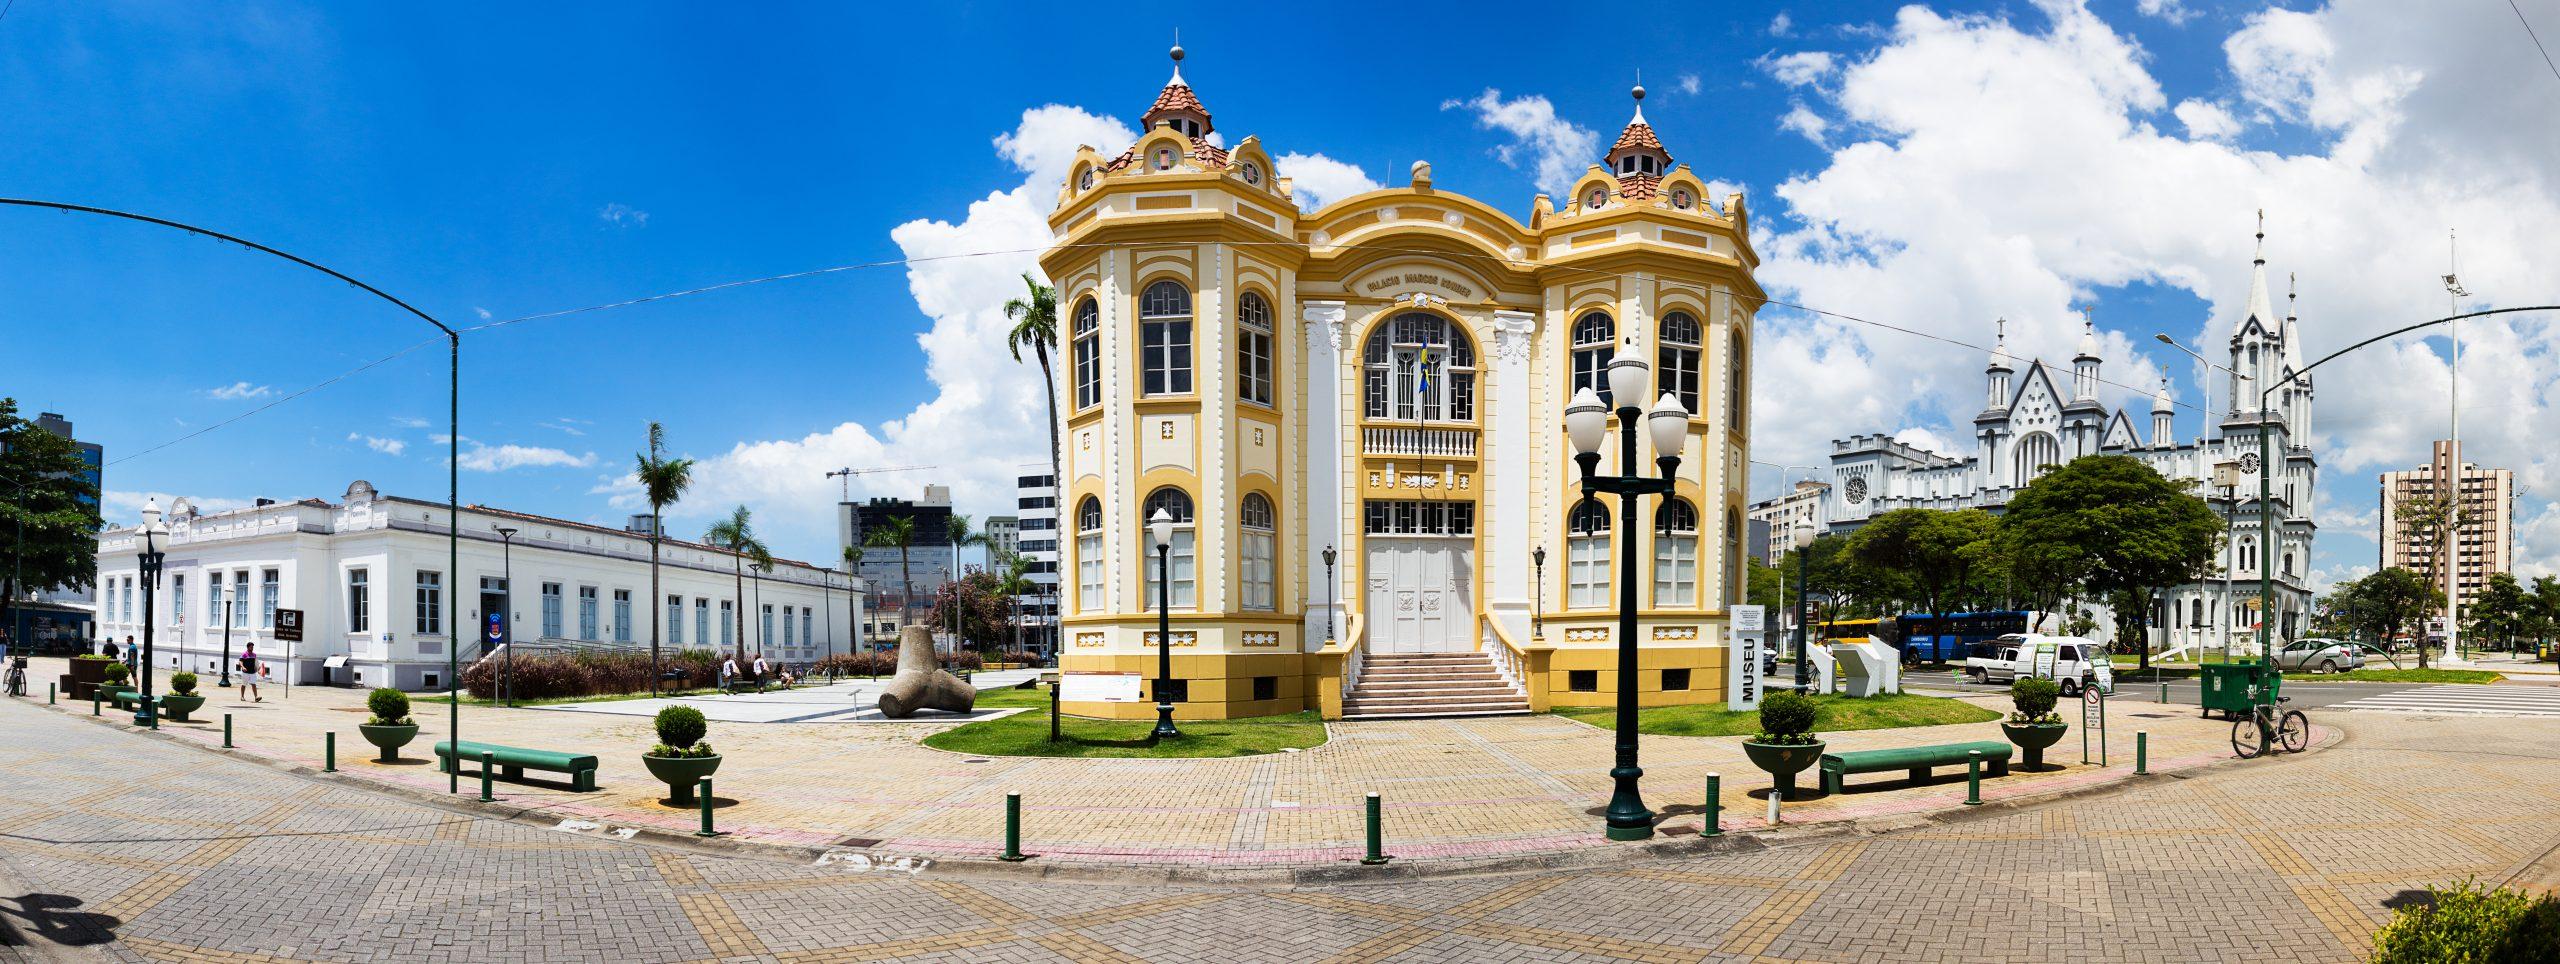 Museu Histórico, em Itajaí – Foto: iStock/Divulgação